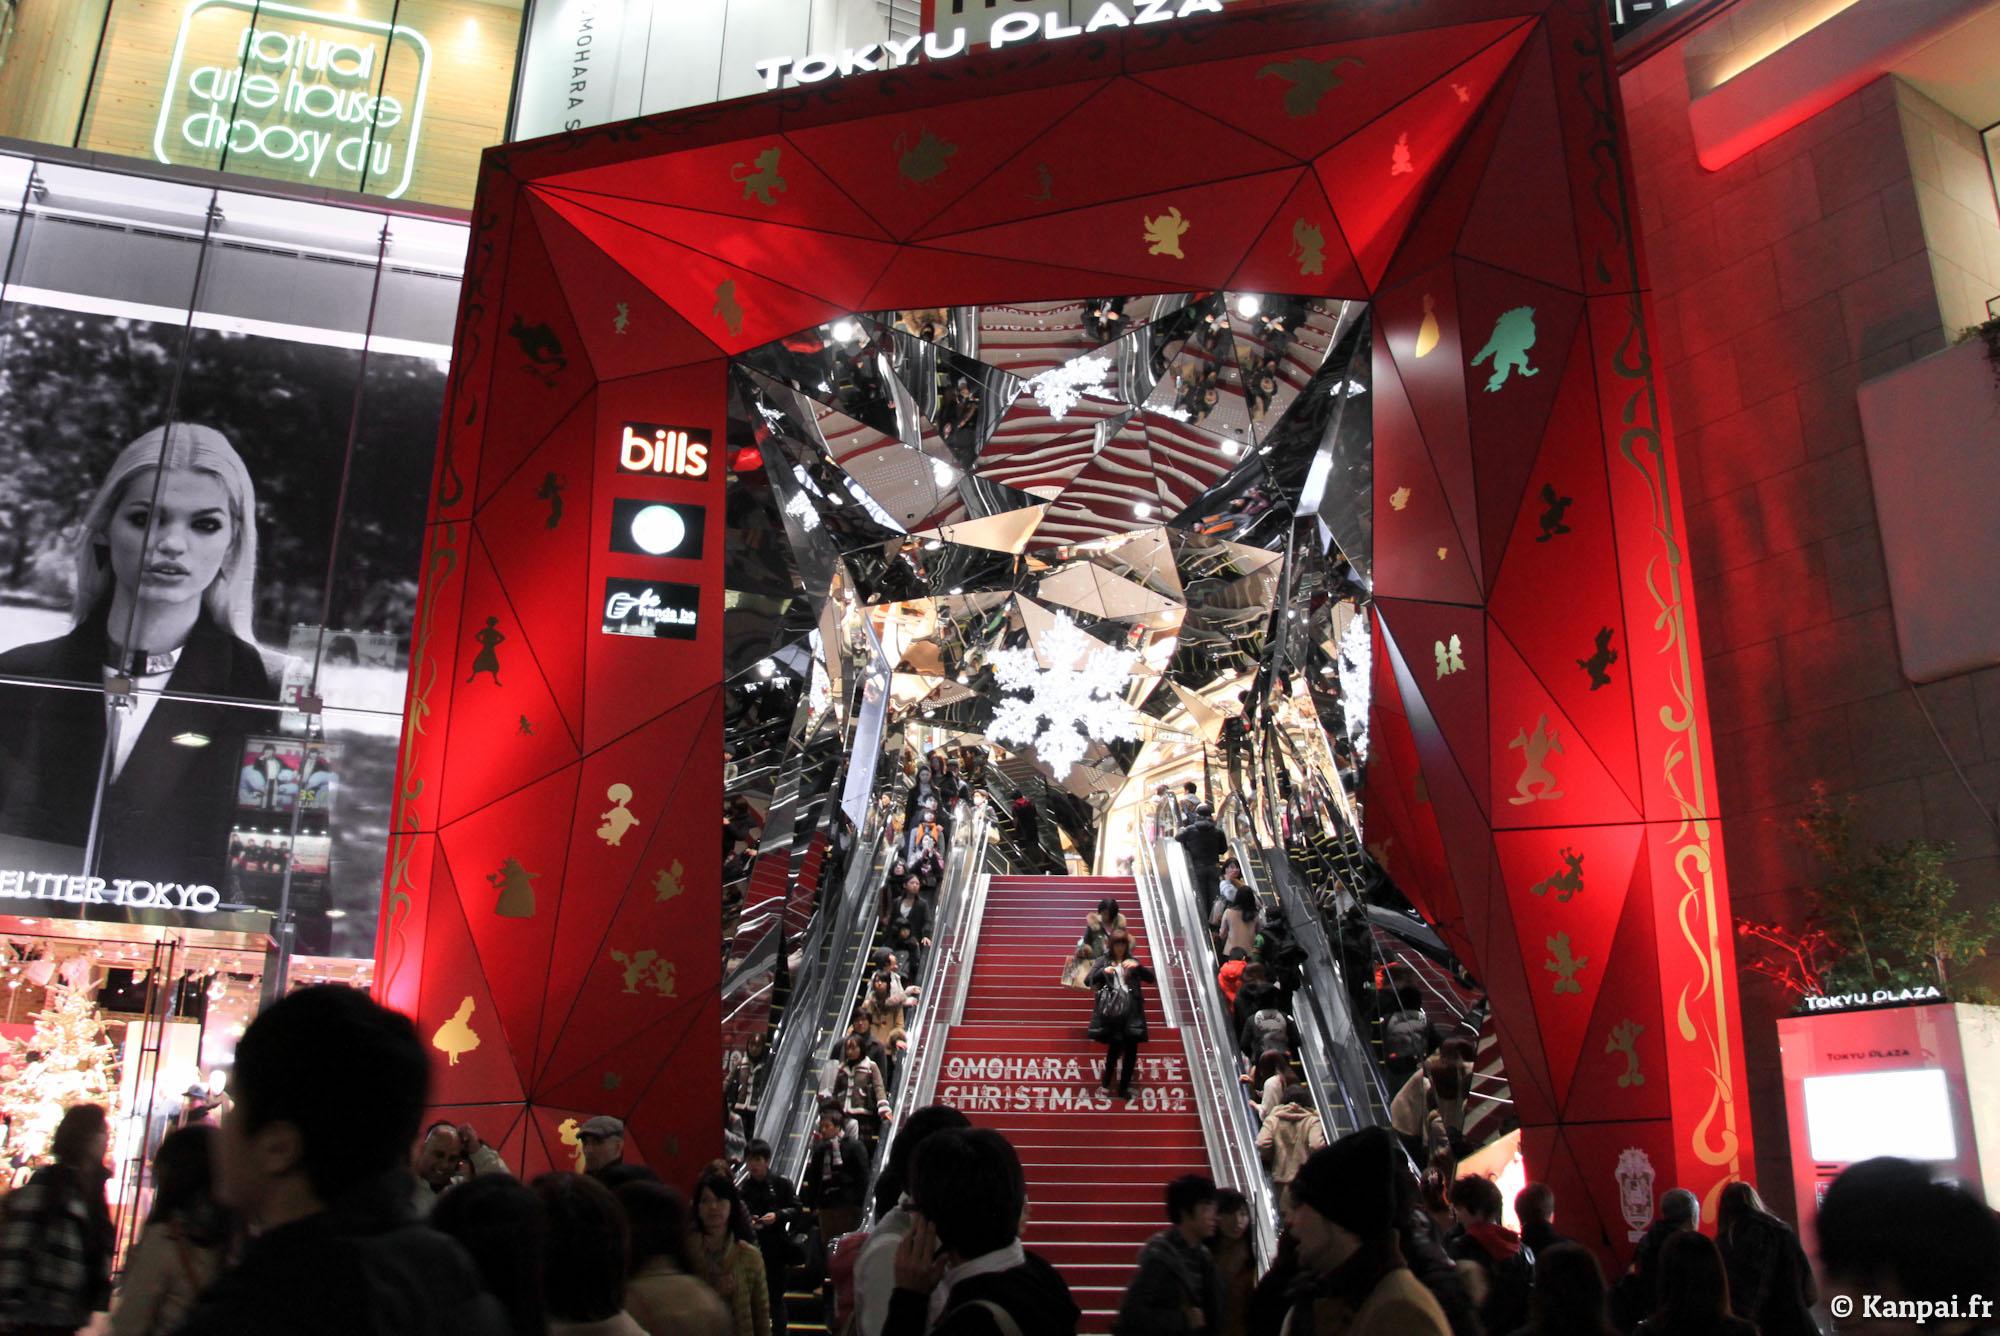 #B2191E Tokyo à Noël 5327 decorations de noel au japon 2000x1336 px @ aertt.com